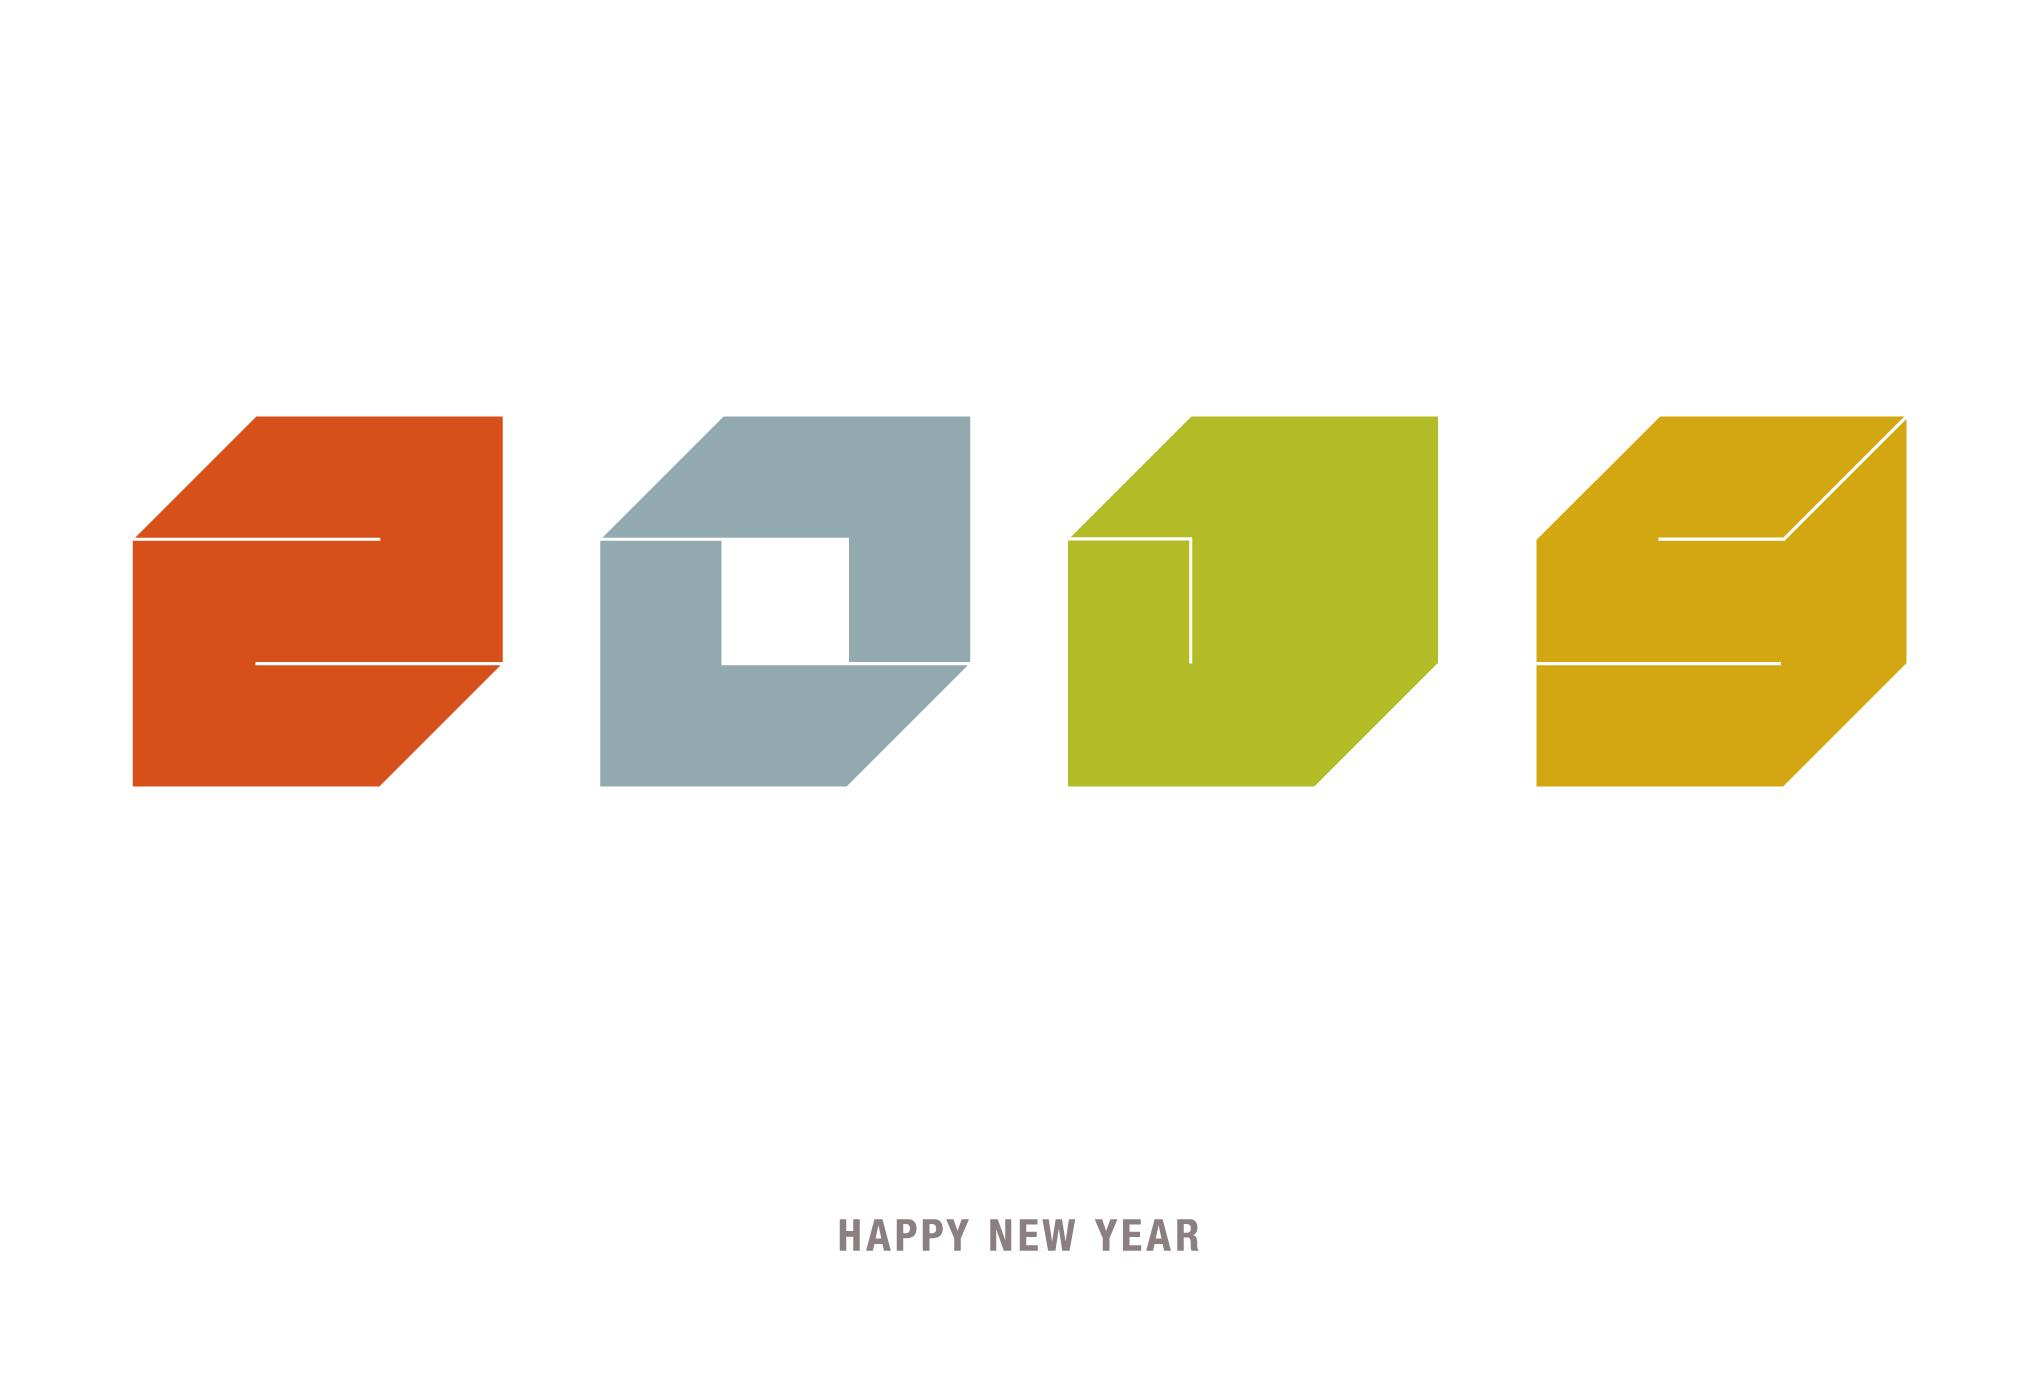 2015年賀状07-3:Square 2015 / 3のダウンロード画像